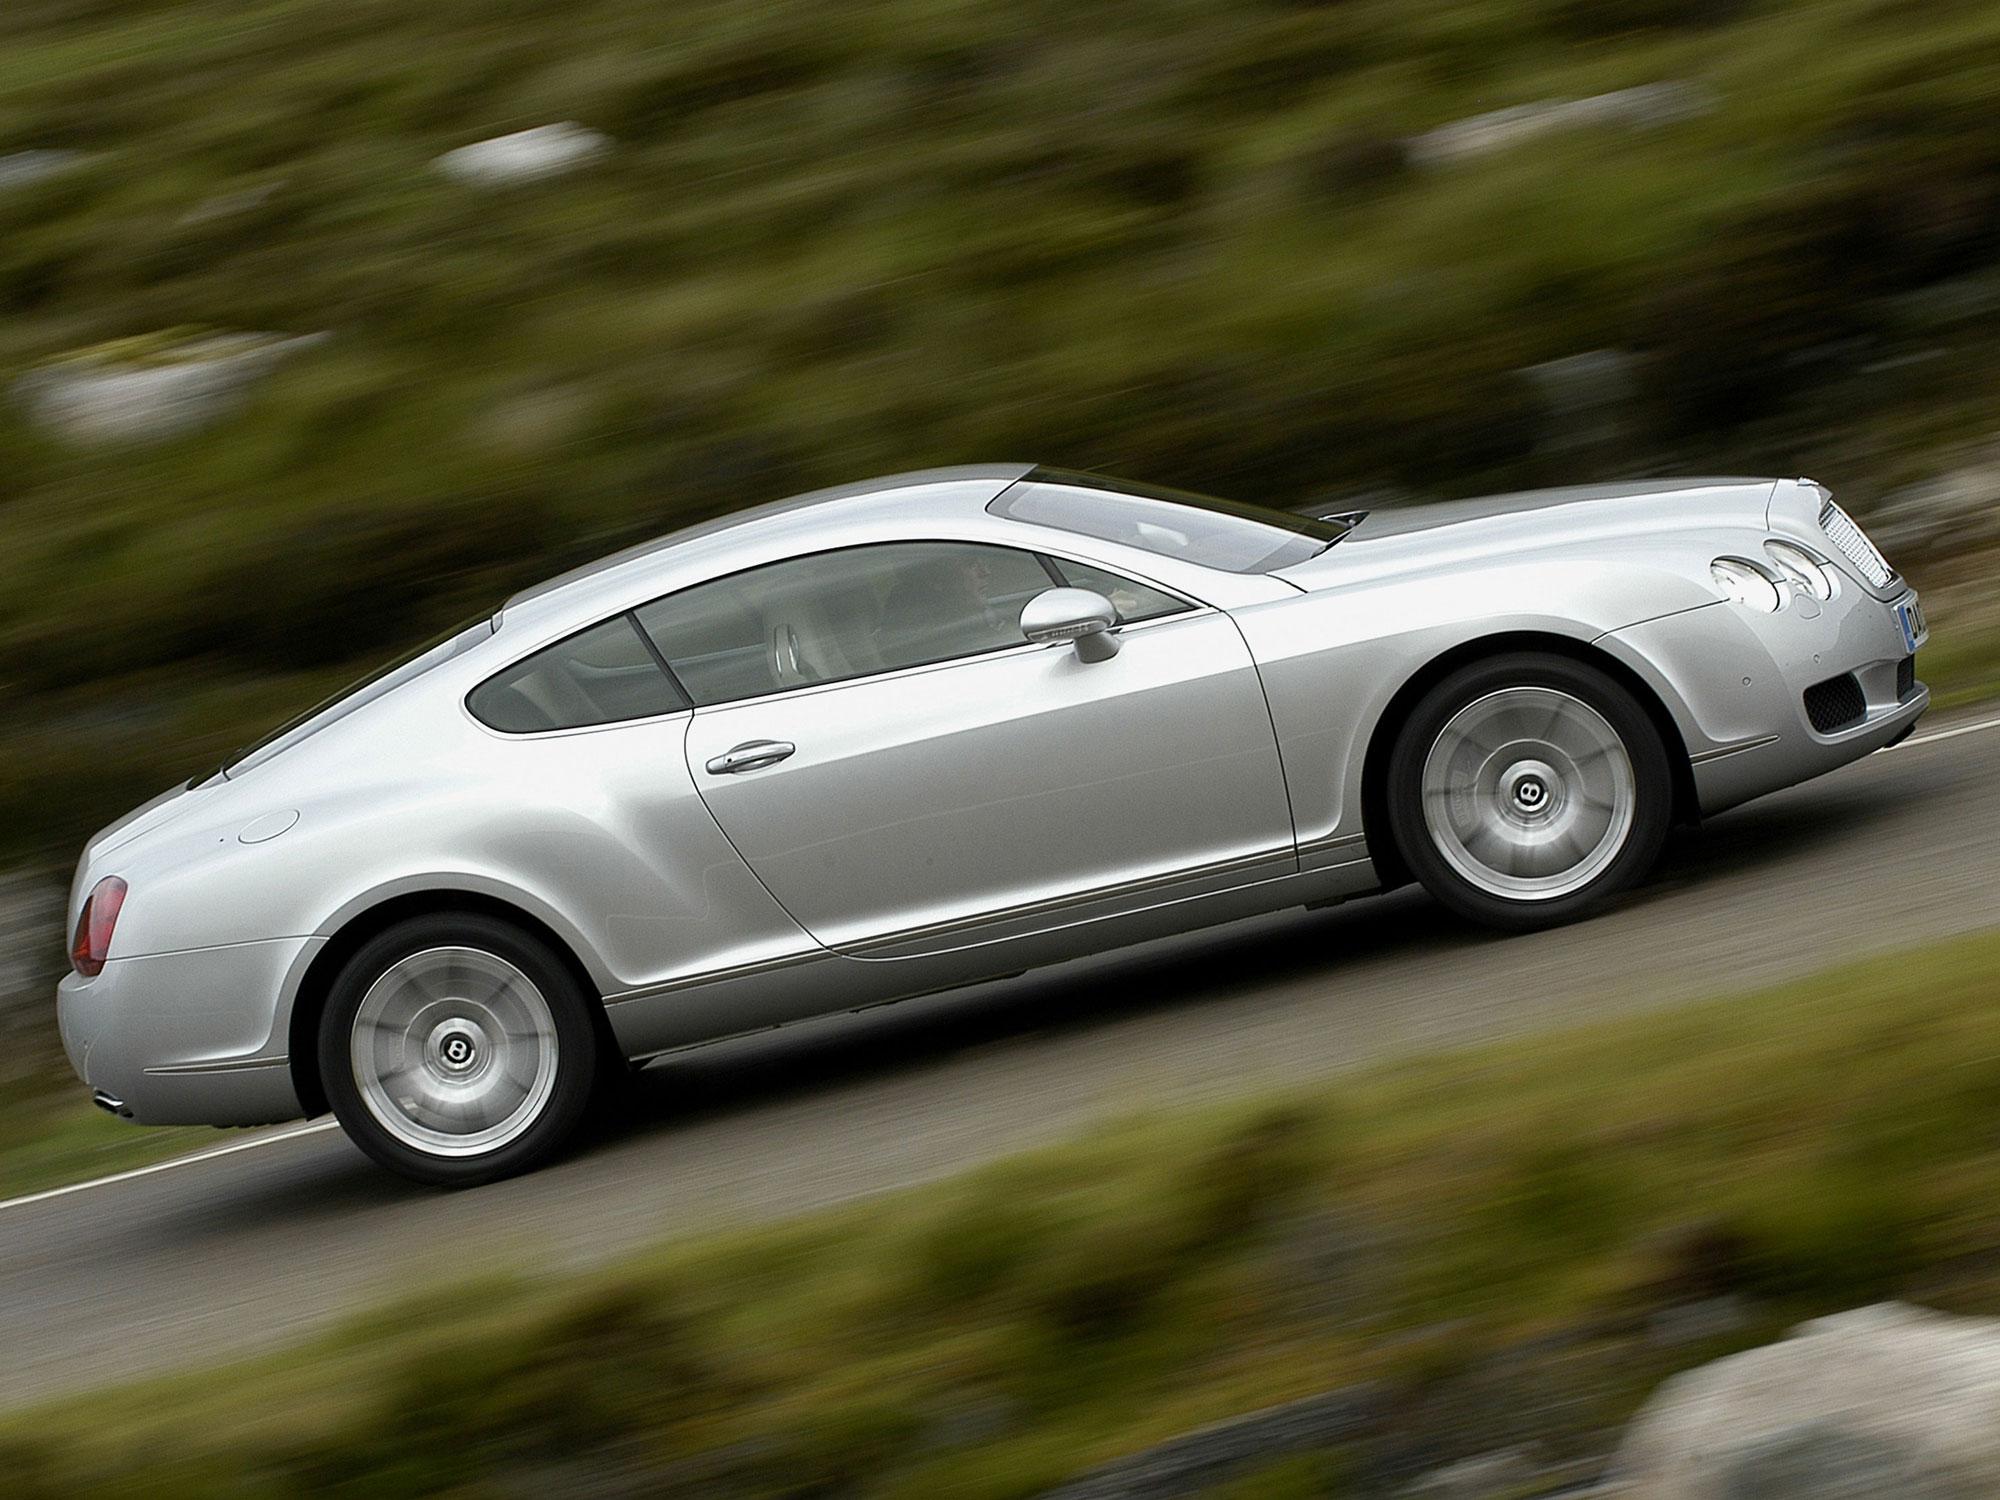 Bentley-Continental-GT-14.jpg